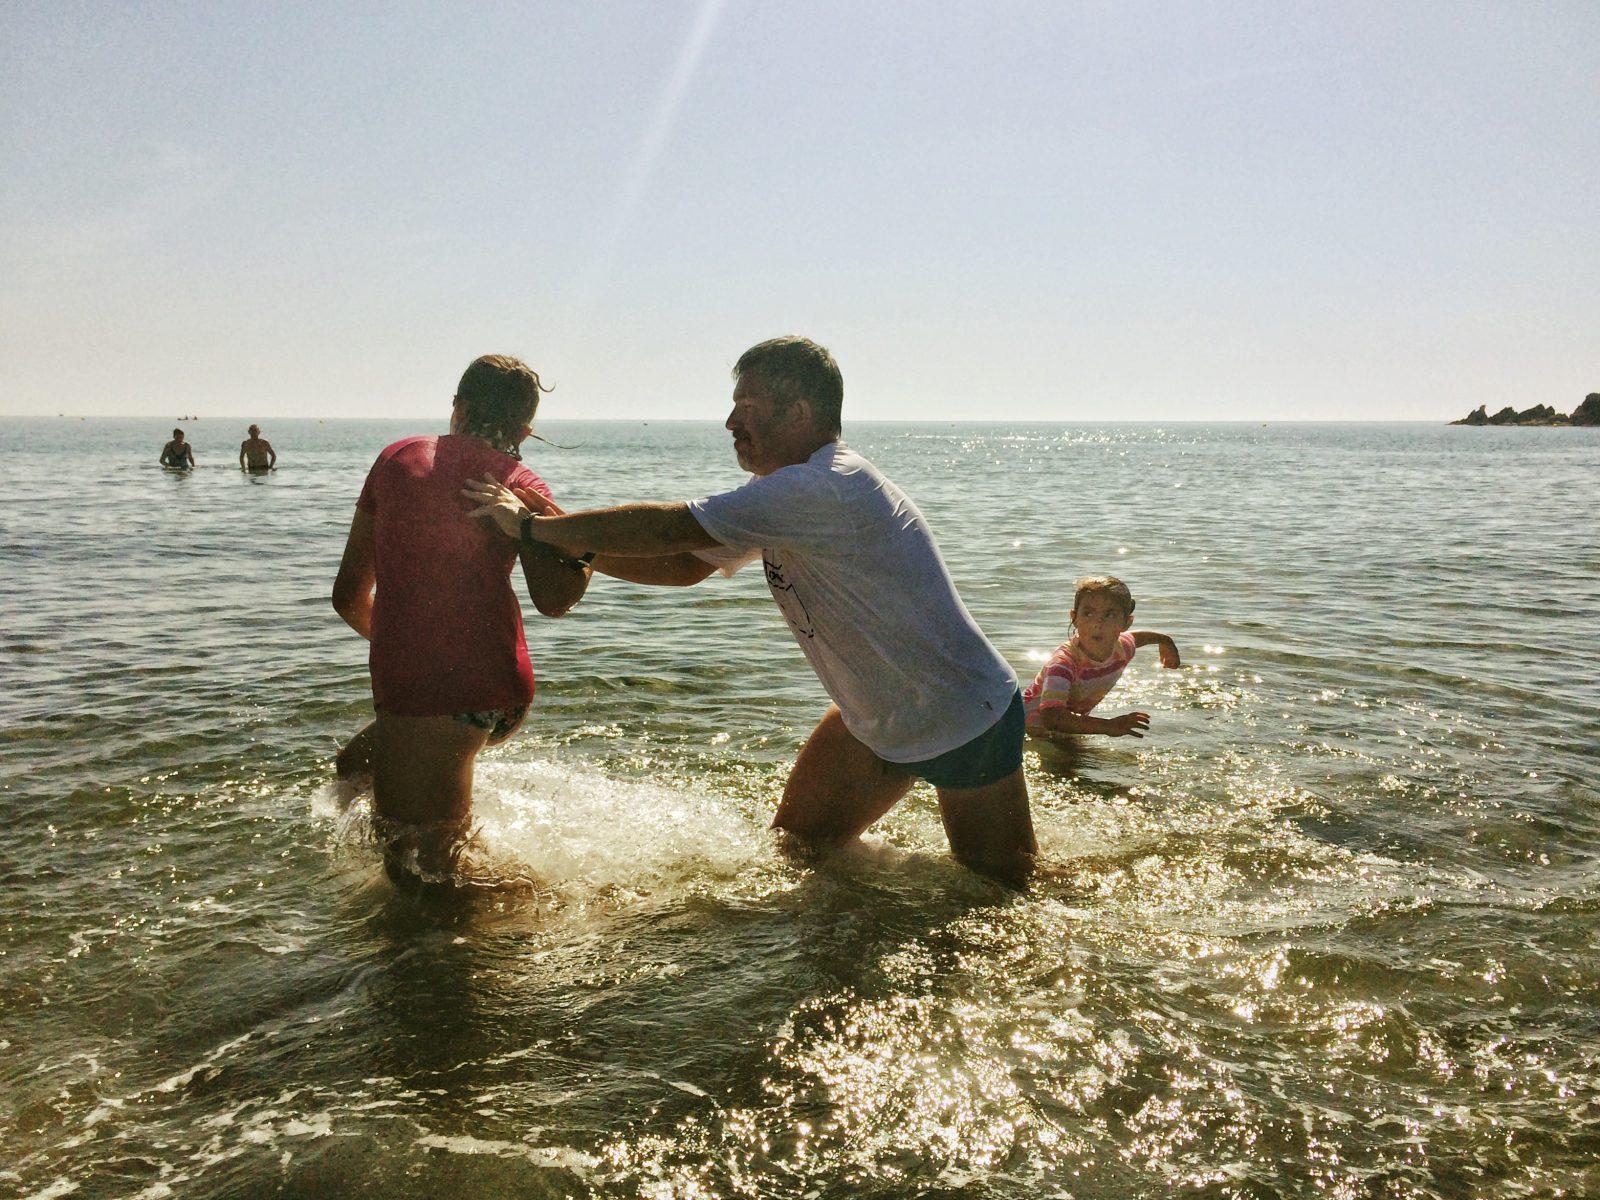 tata i corki kapia sie w morzu